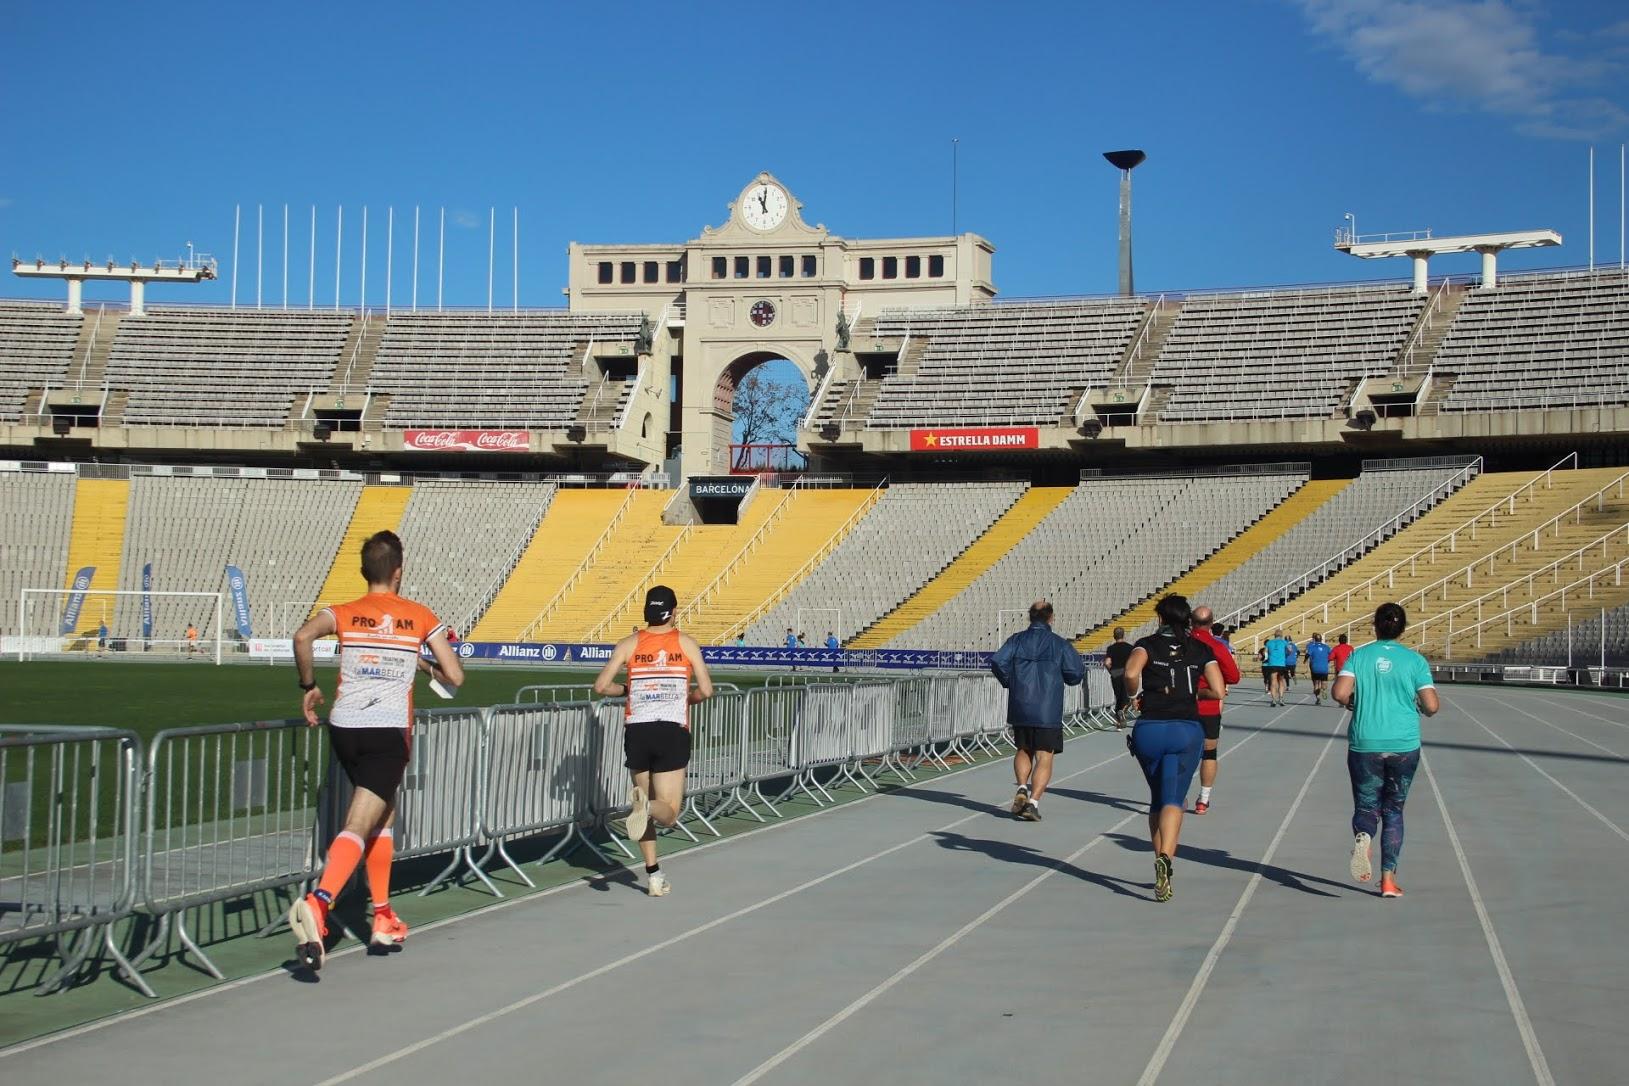 Adam Maijò y Anna Bové destacan como losmás rápidos en la carrera Jean Bouin más atípica